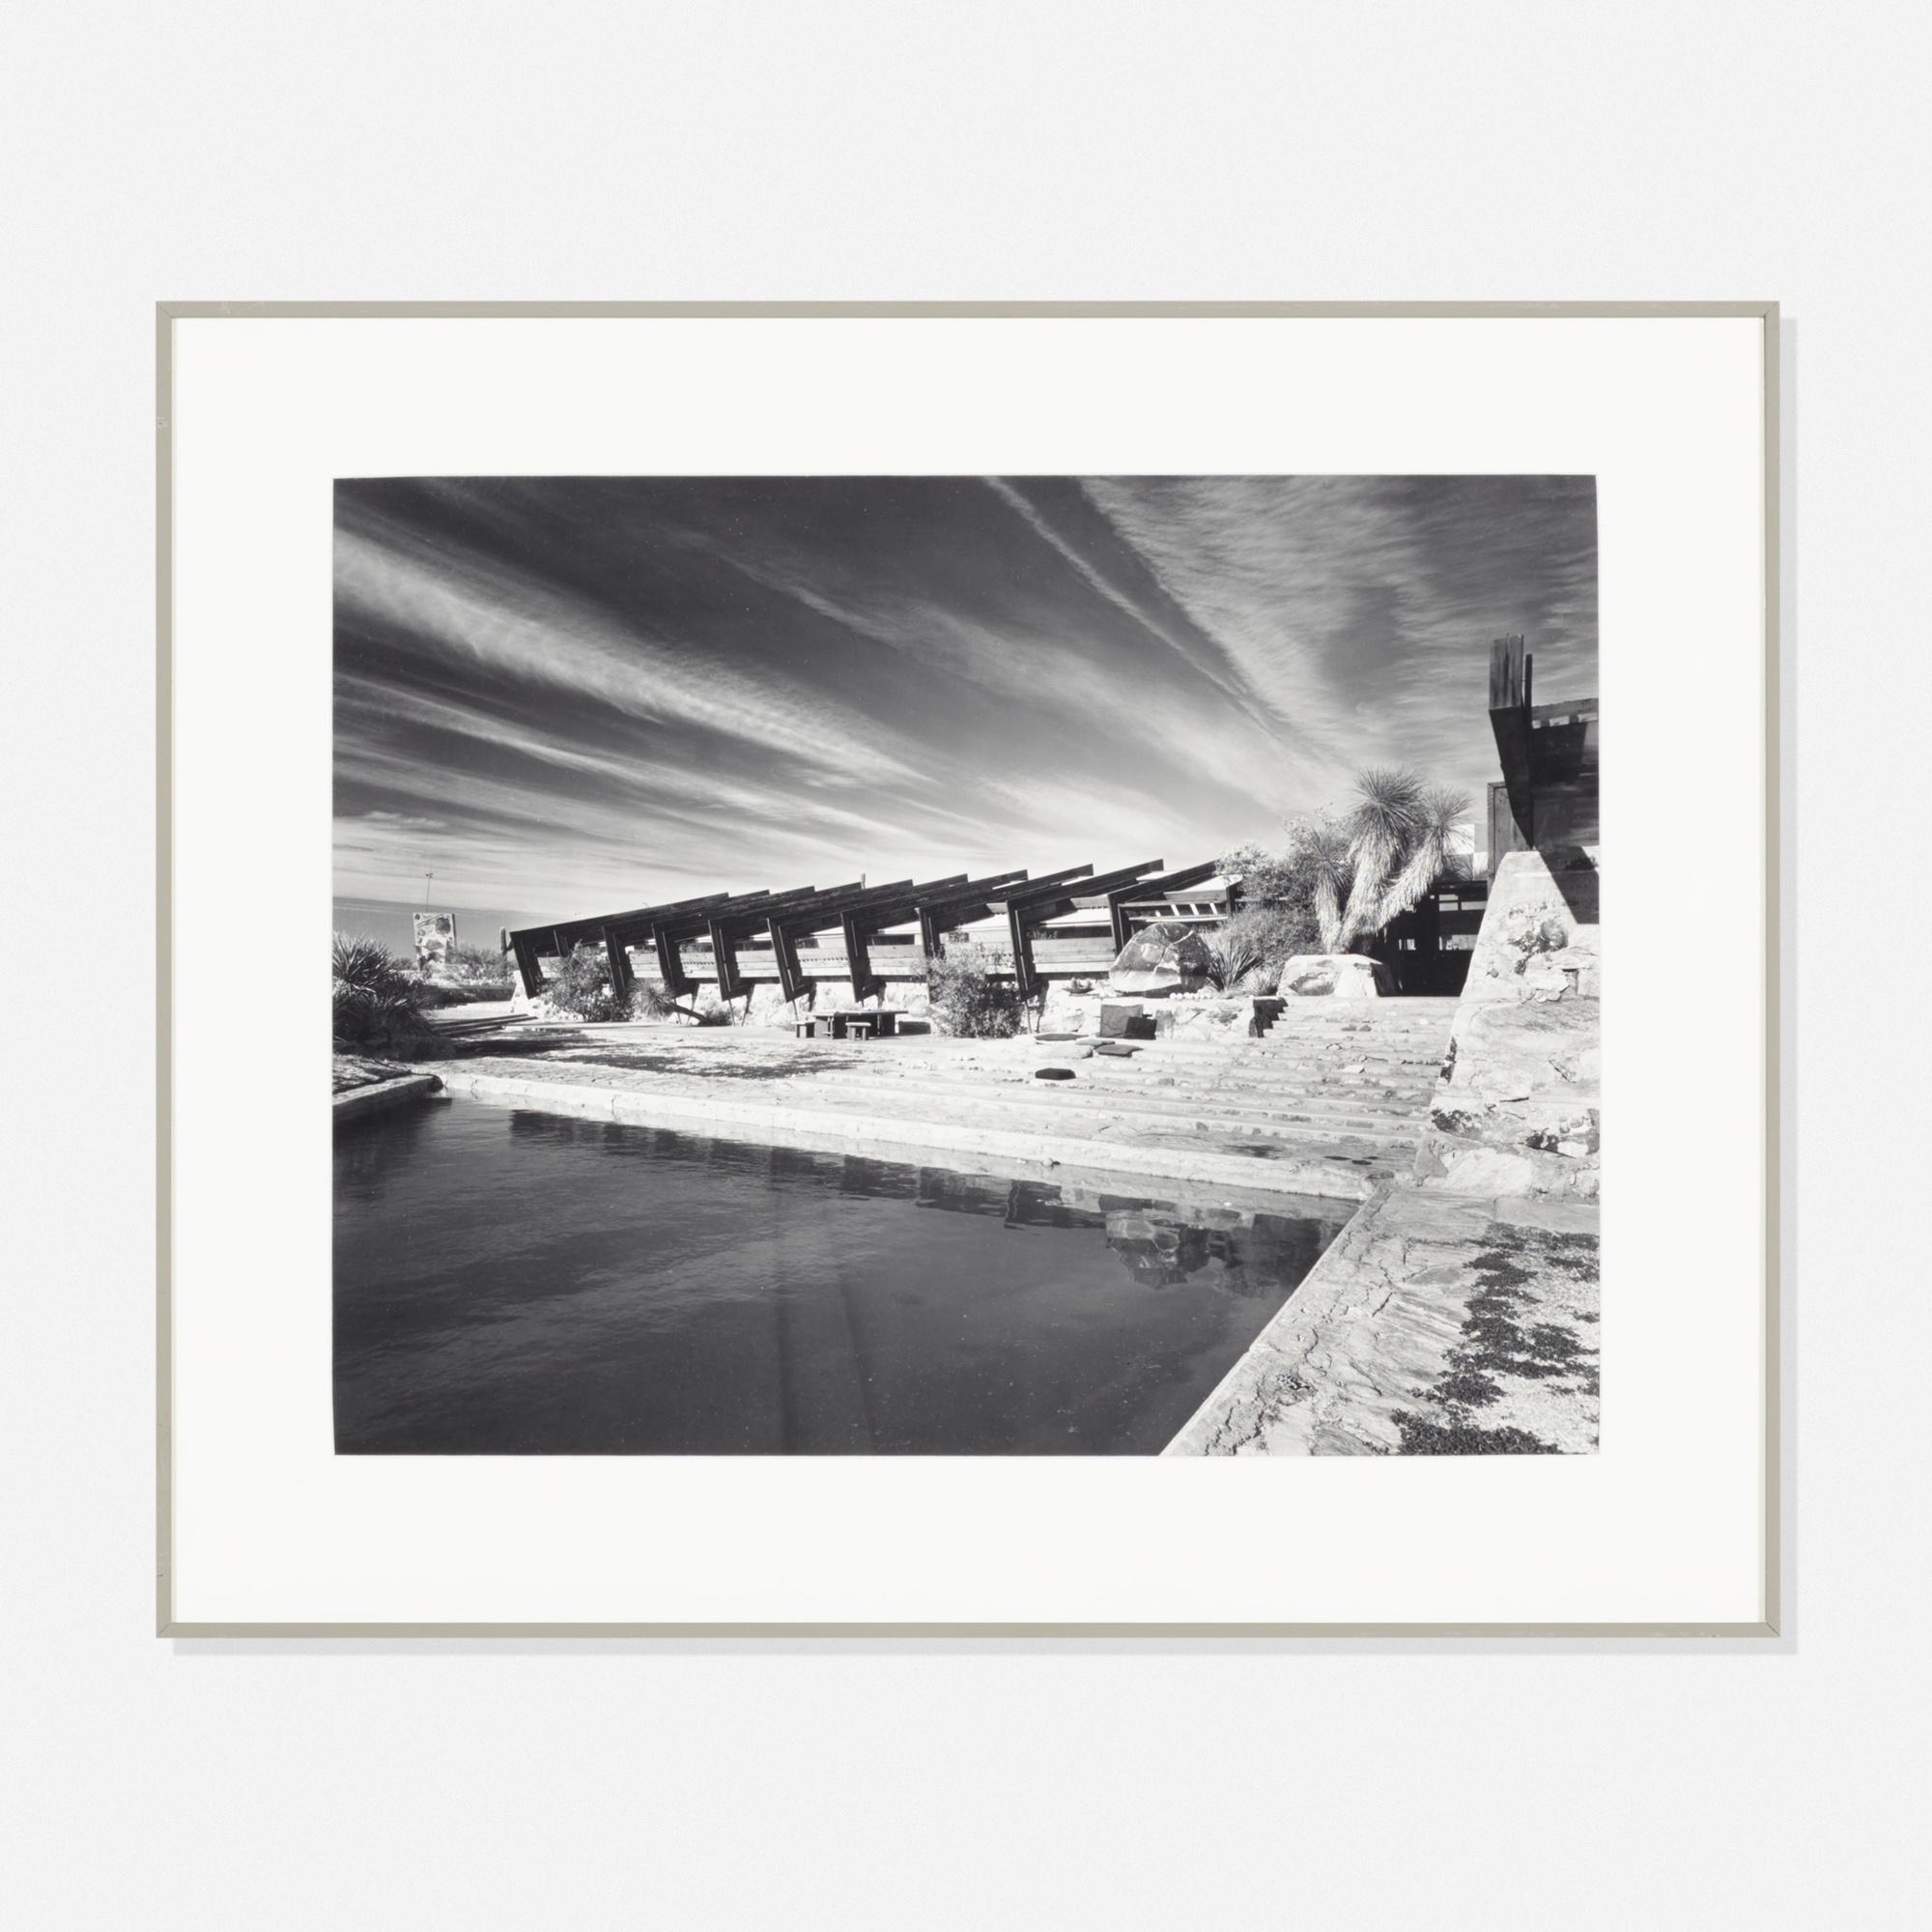 378: Ezra Stoller / Frank Lloyd Wright: Taliesin West, Scottsdale, AZ (1 of 1)